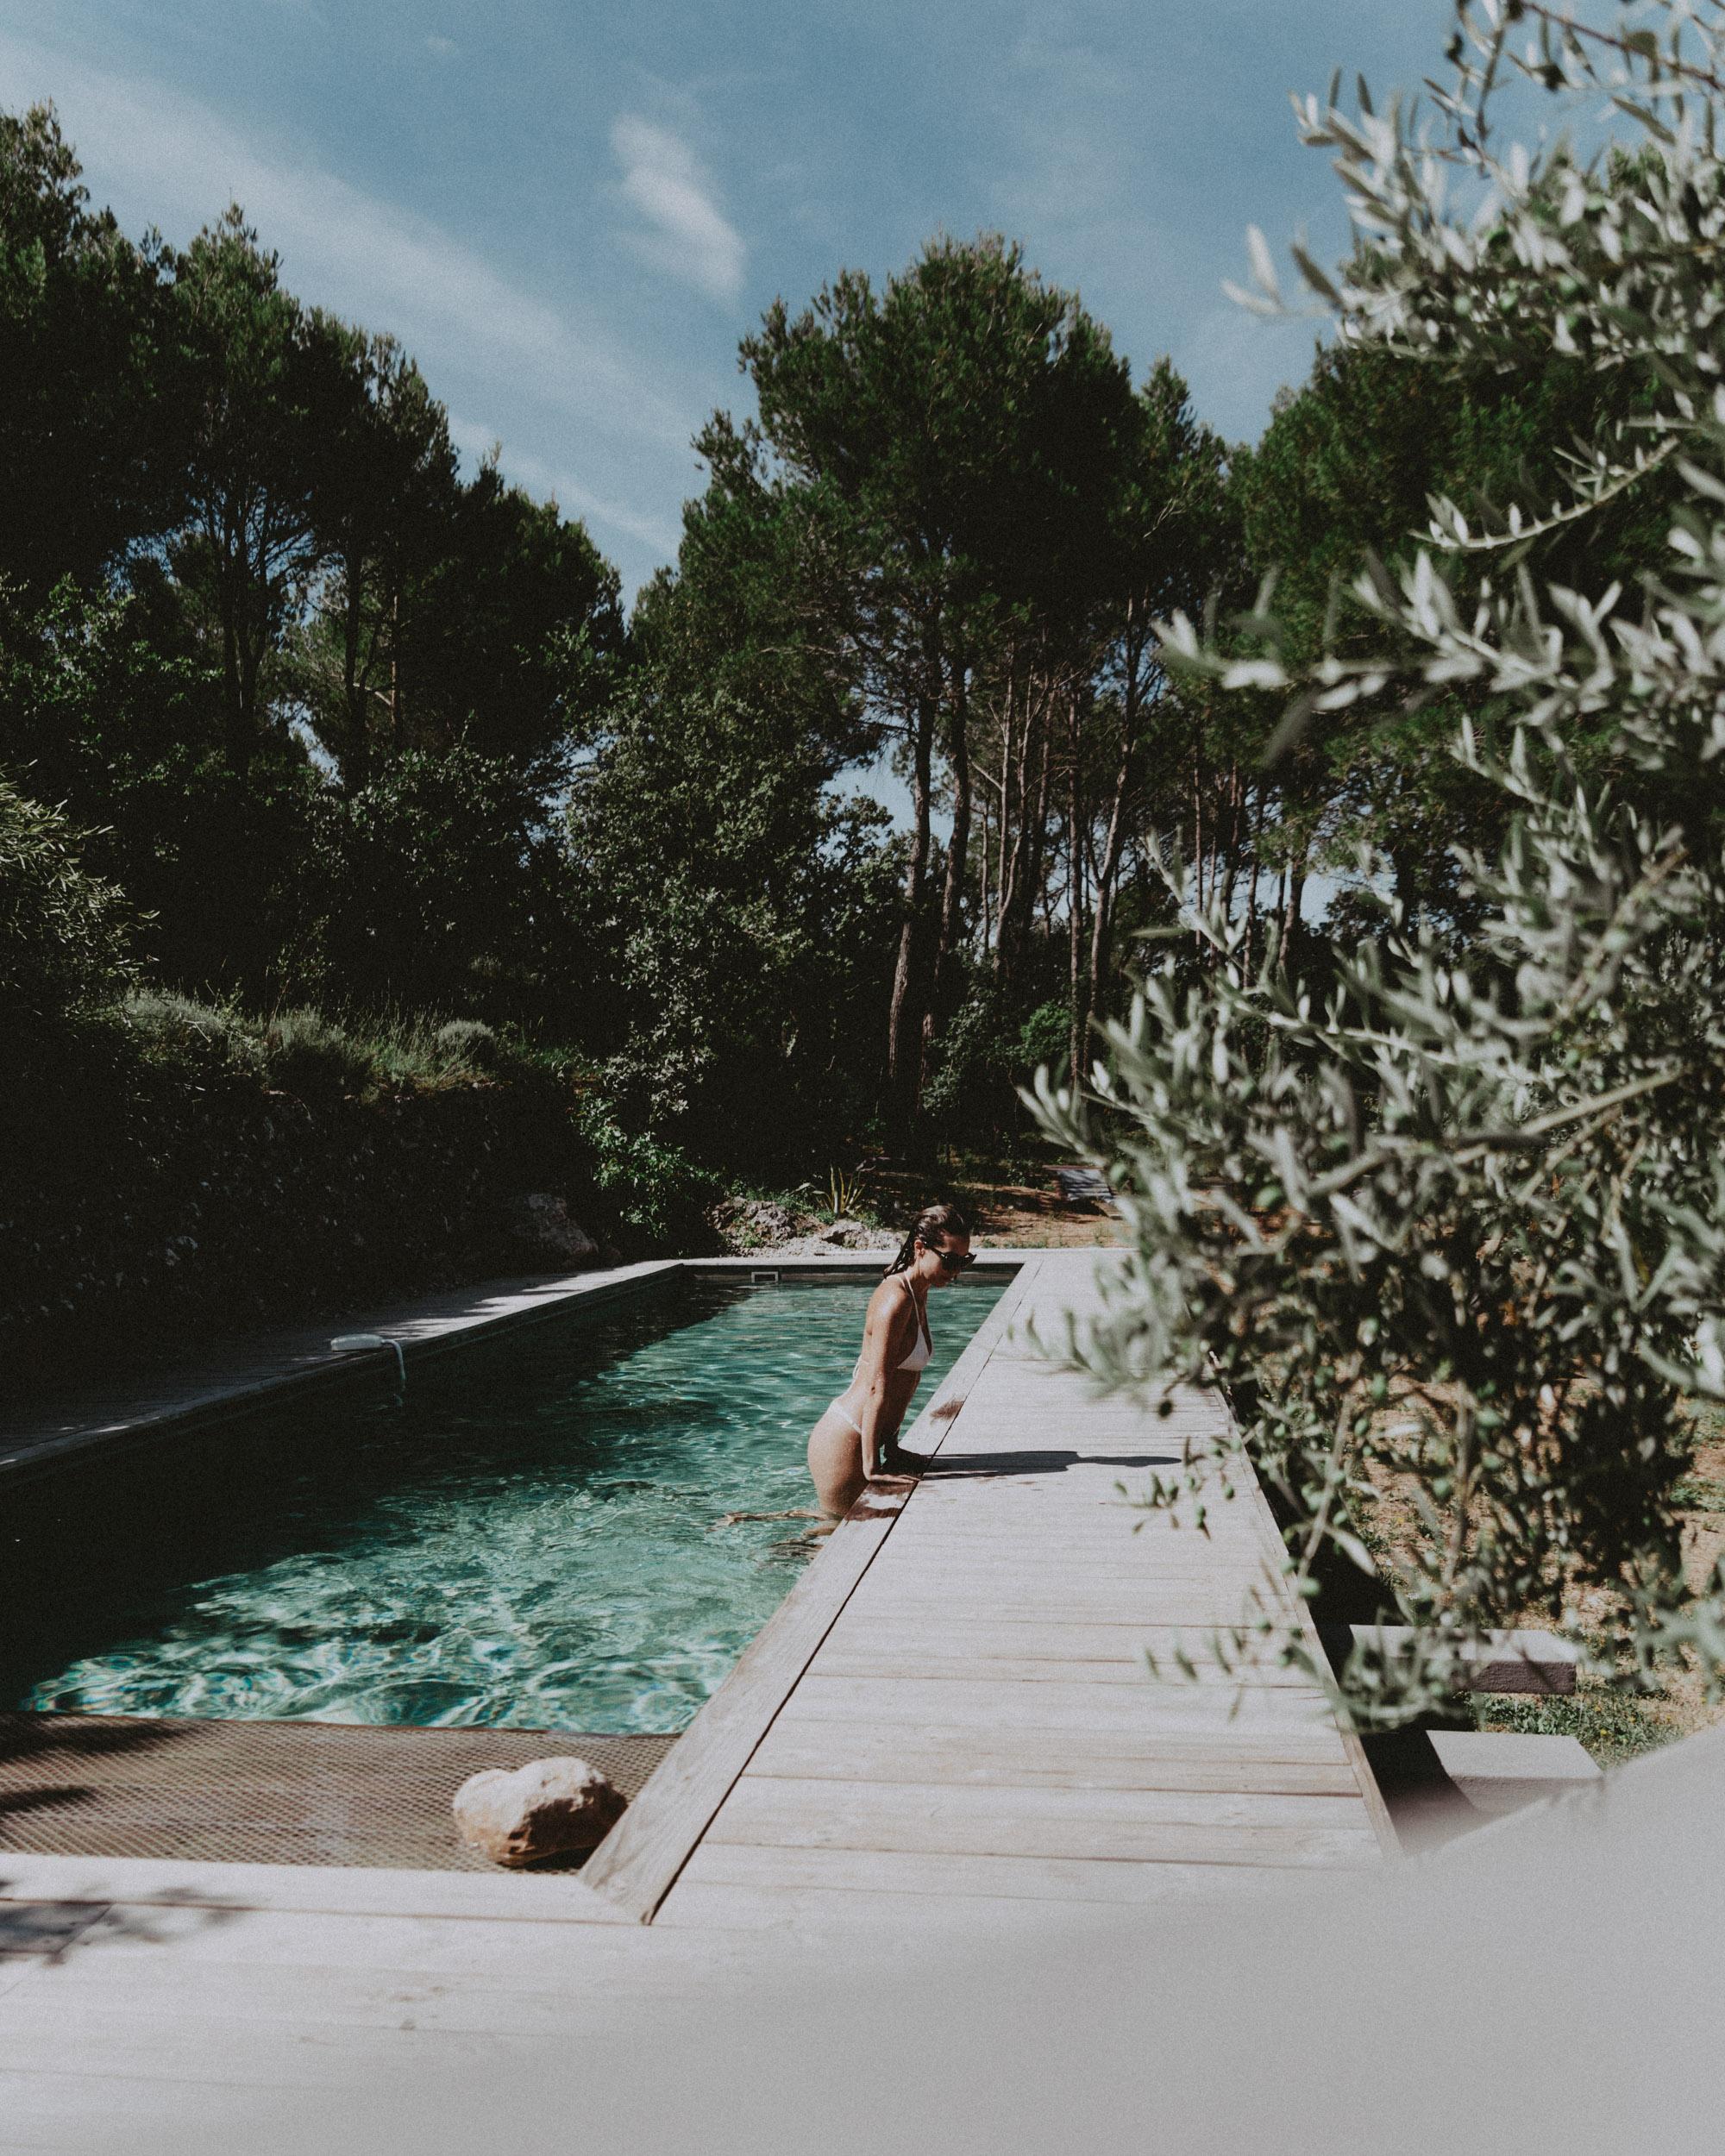 Urlaub mit Freunden: Die schönsten Ferienhäuser in Europa - Love Daily Dose